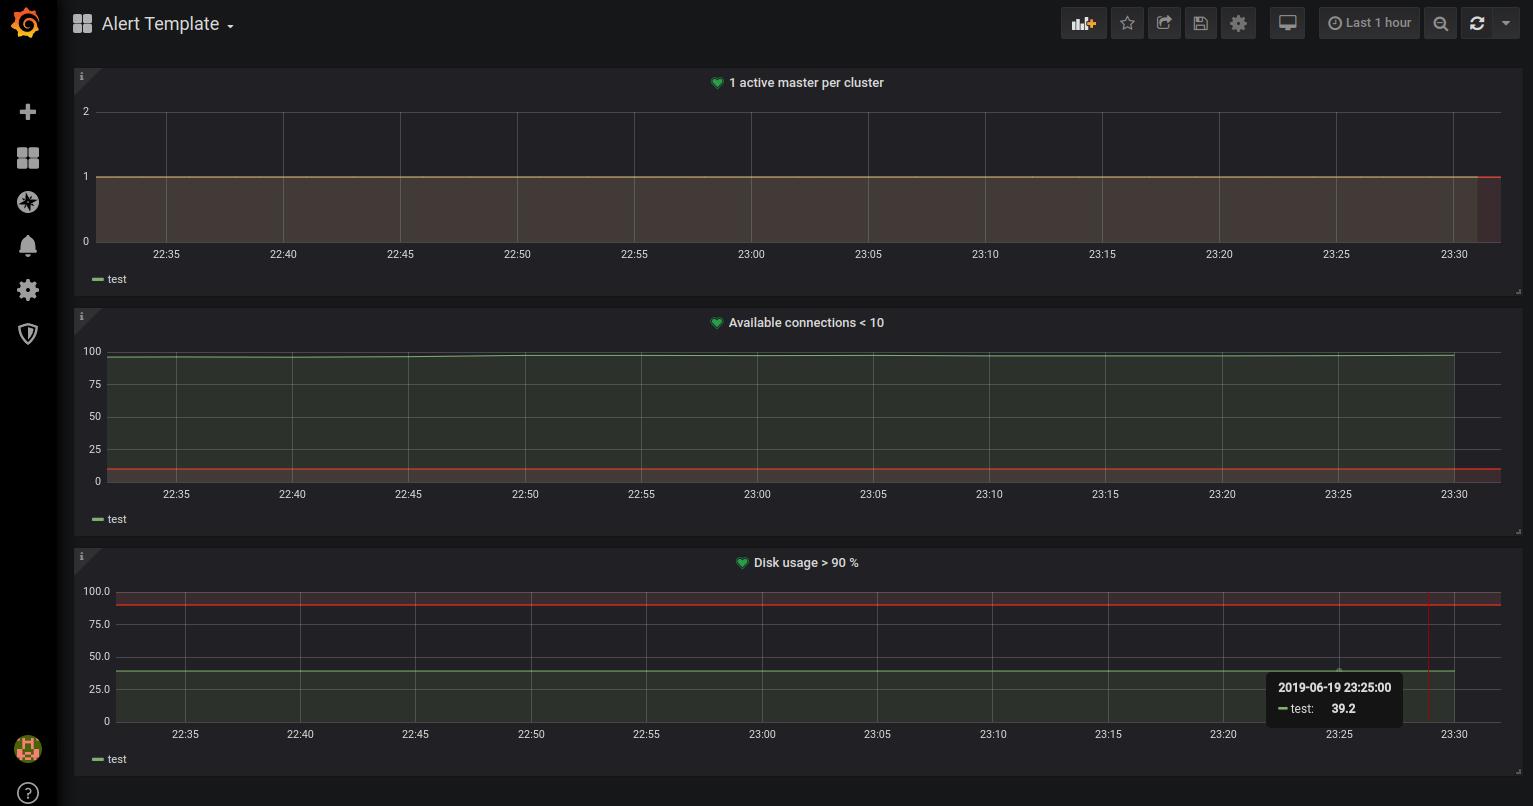 pgwatch2 Alert Template dashboard screenshot